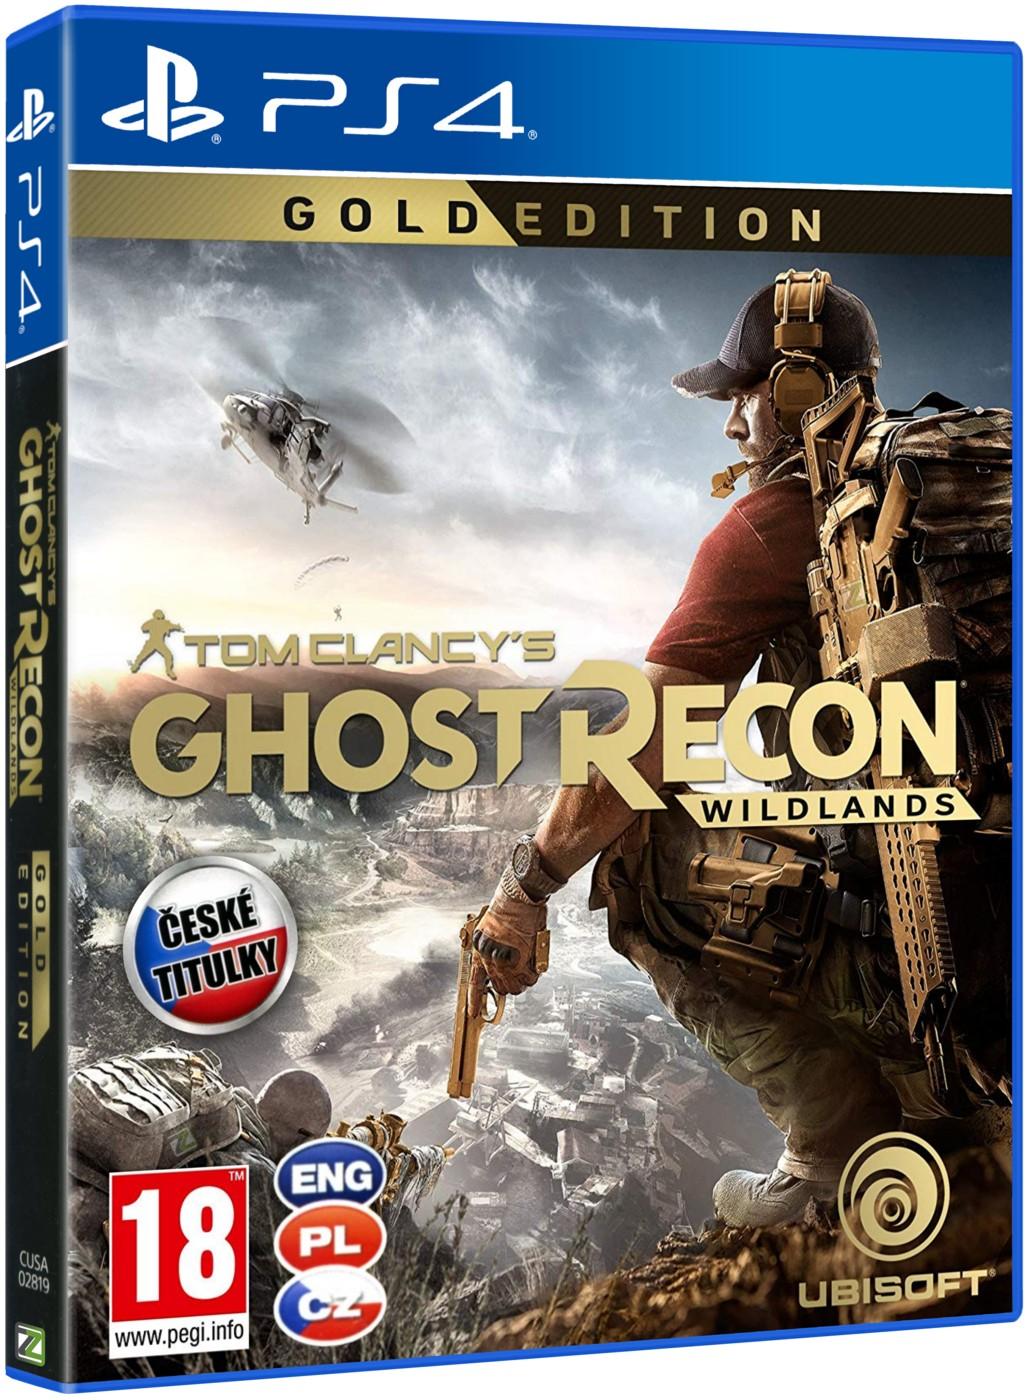 TOM CLANCY'S GHOST RECON: WILDLANDS Gold Edition - PS4